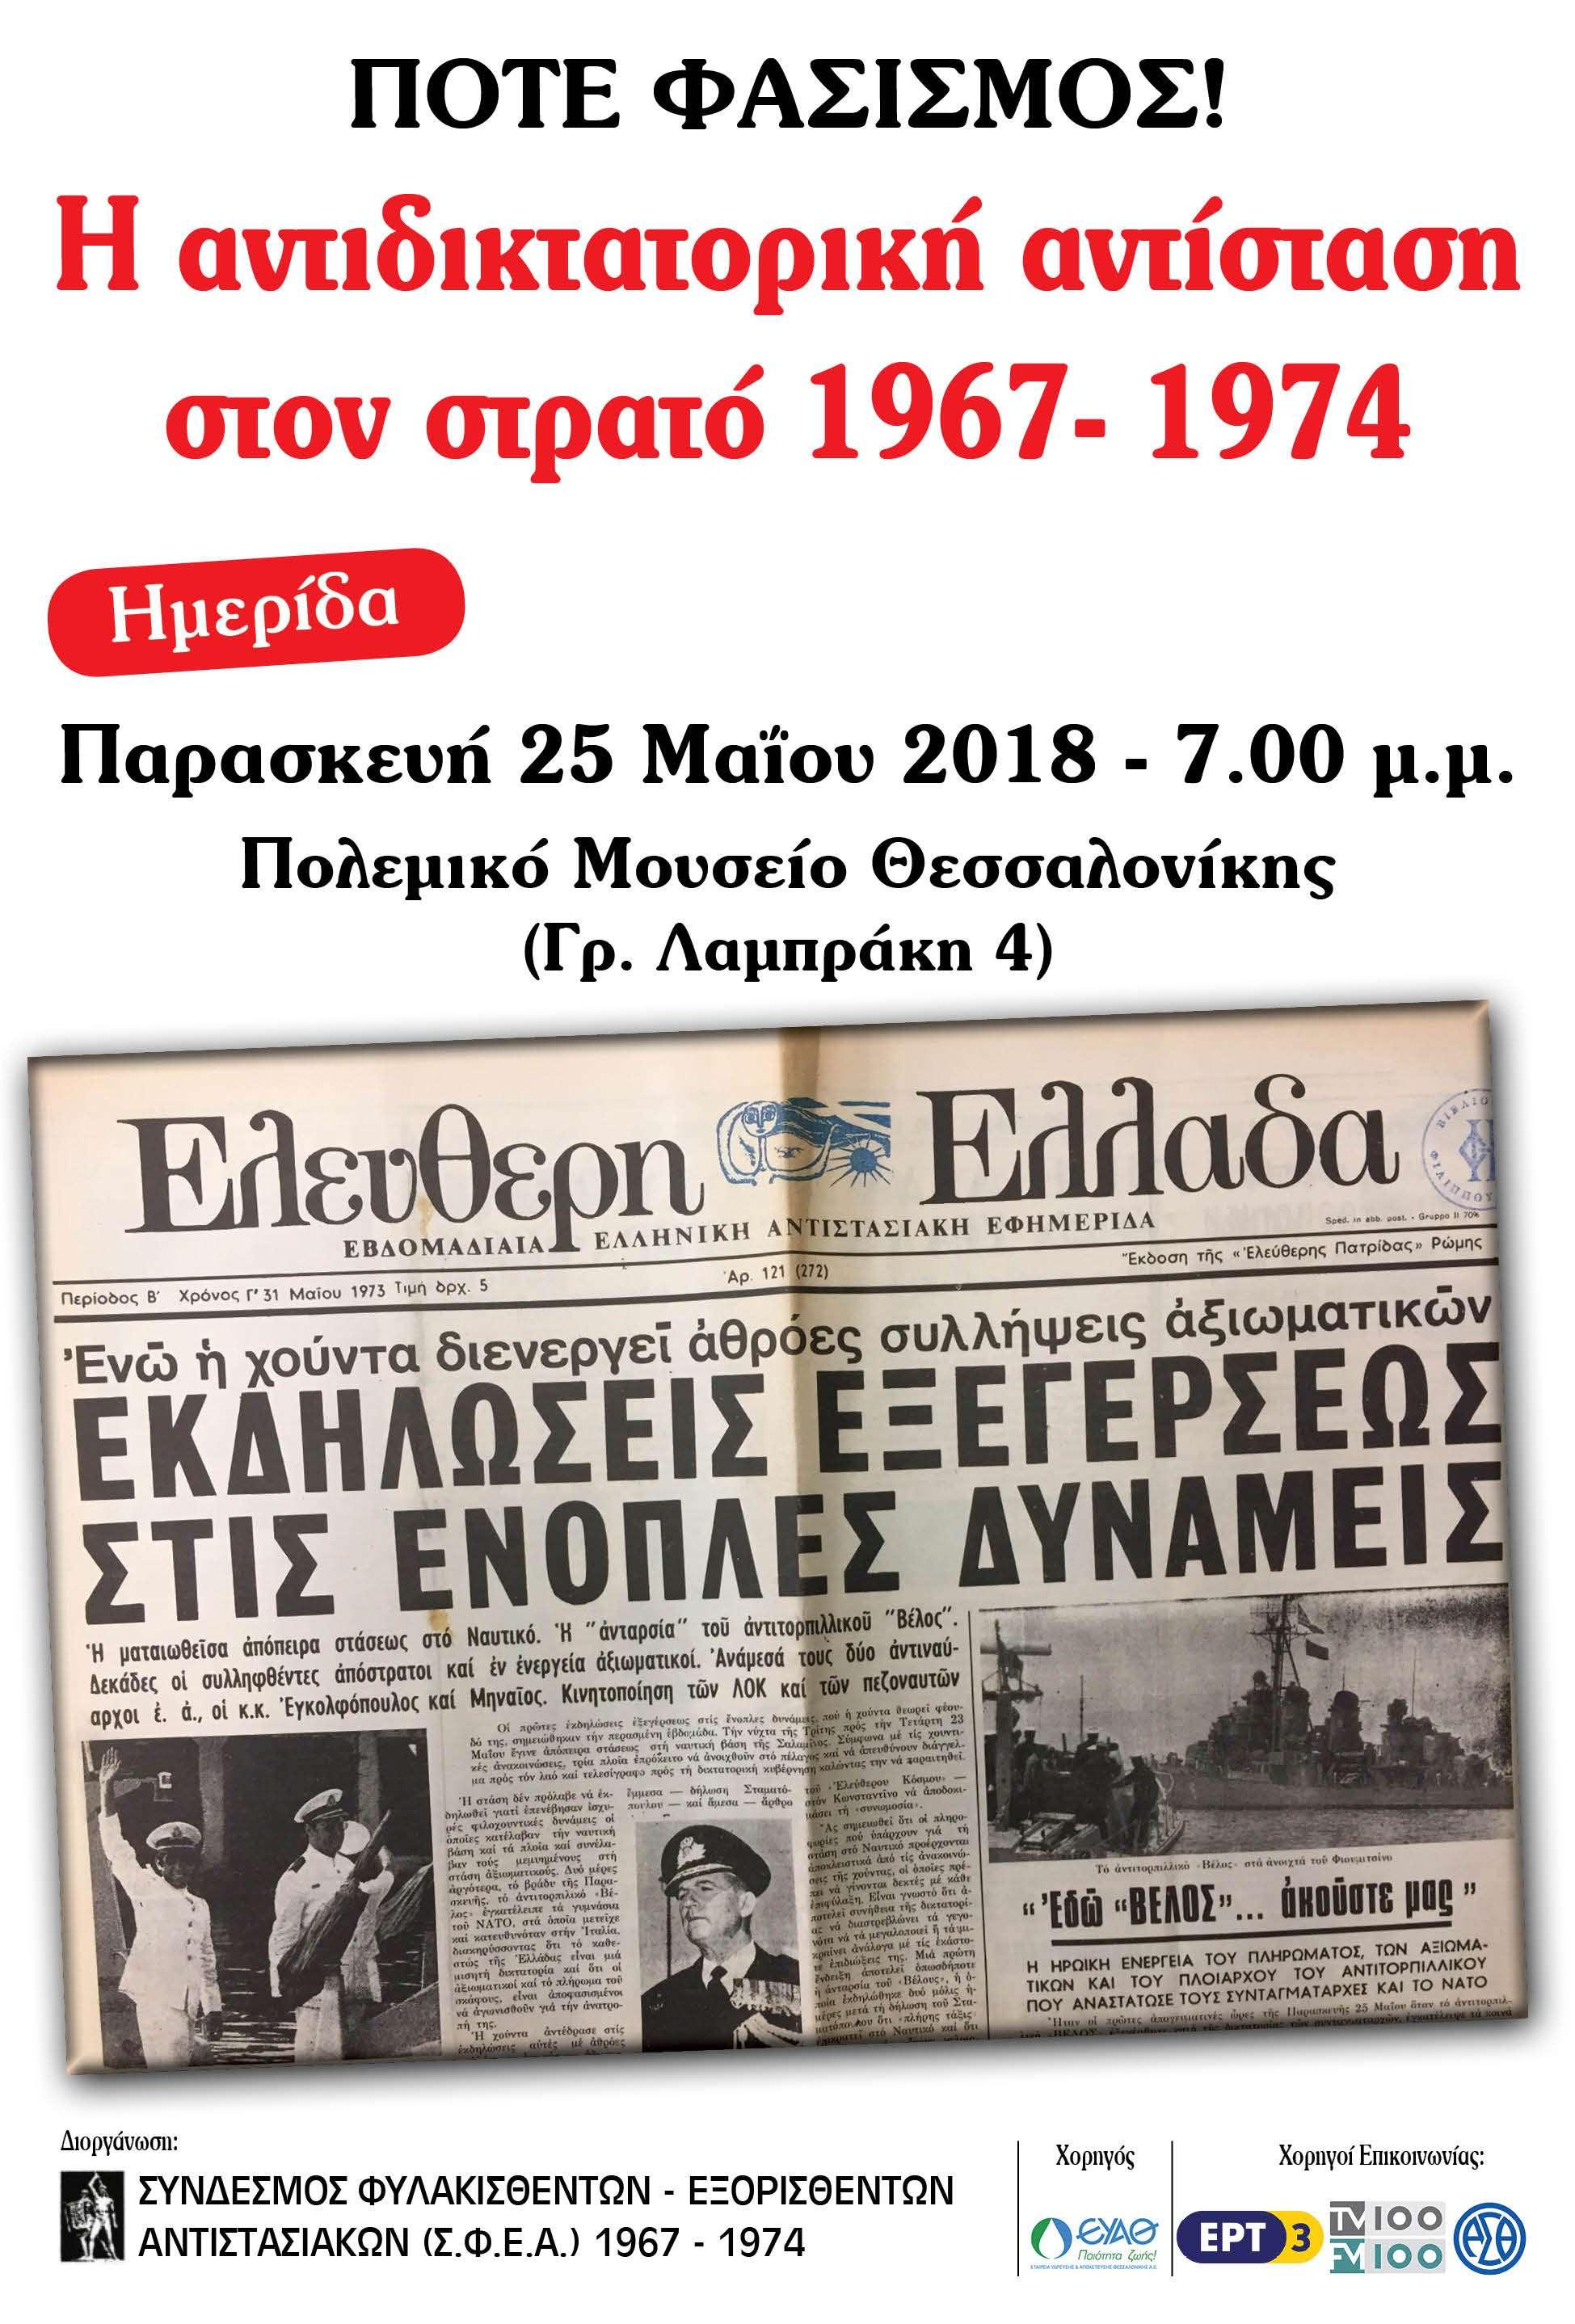 εκδήλωση του Σ.Φ.Ε.Α 25-5-2018 στο Στρατιωτικό Μουσείο Θεσσαλονίκης